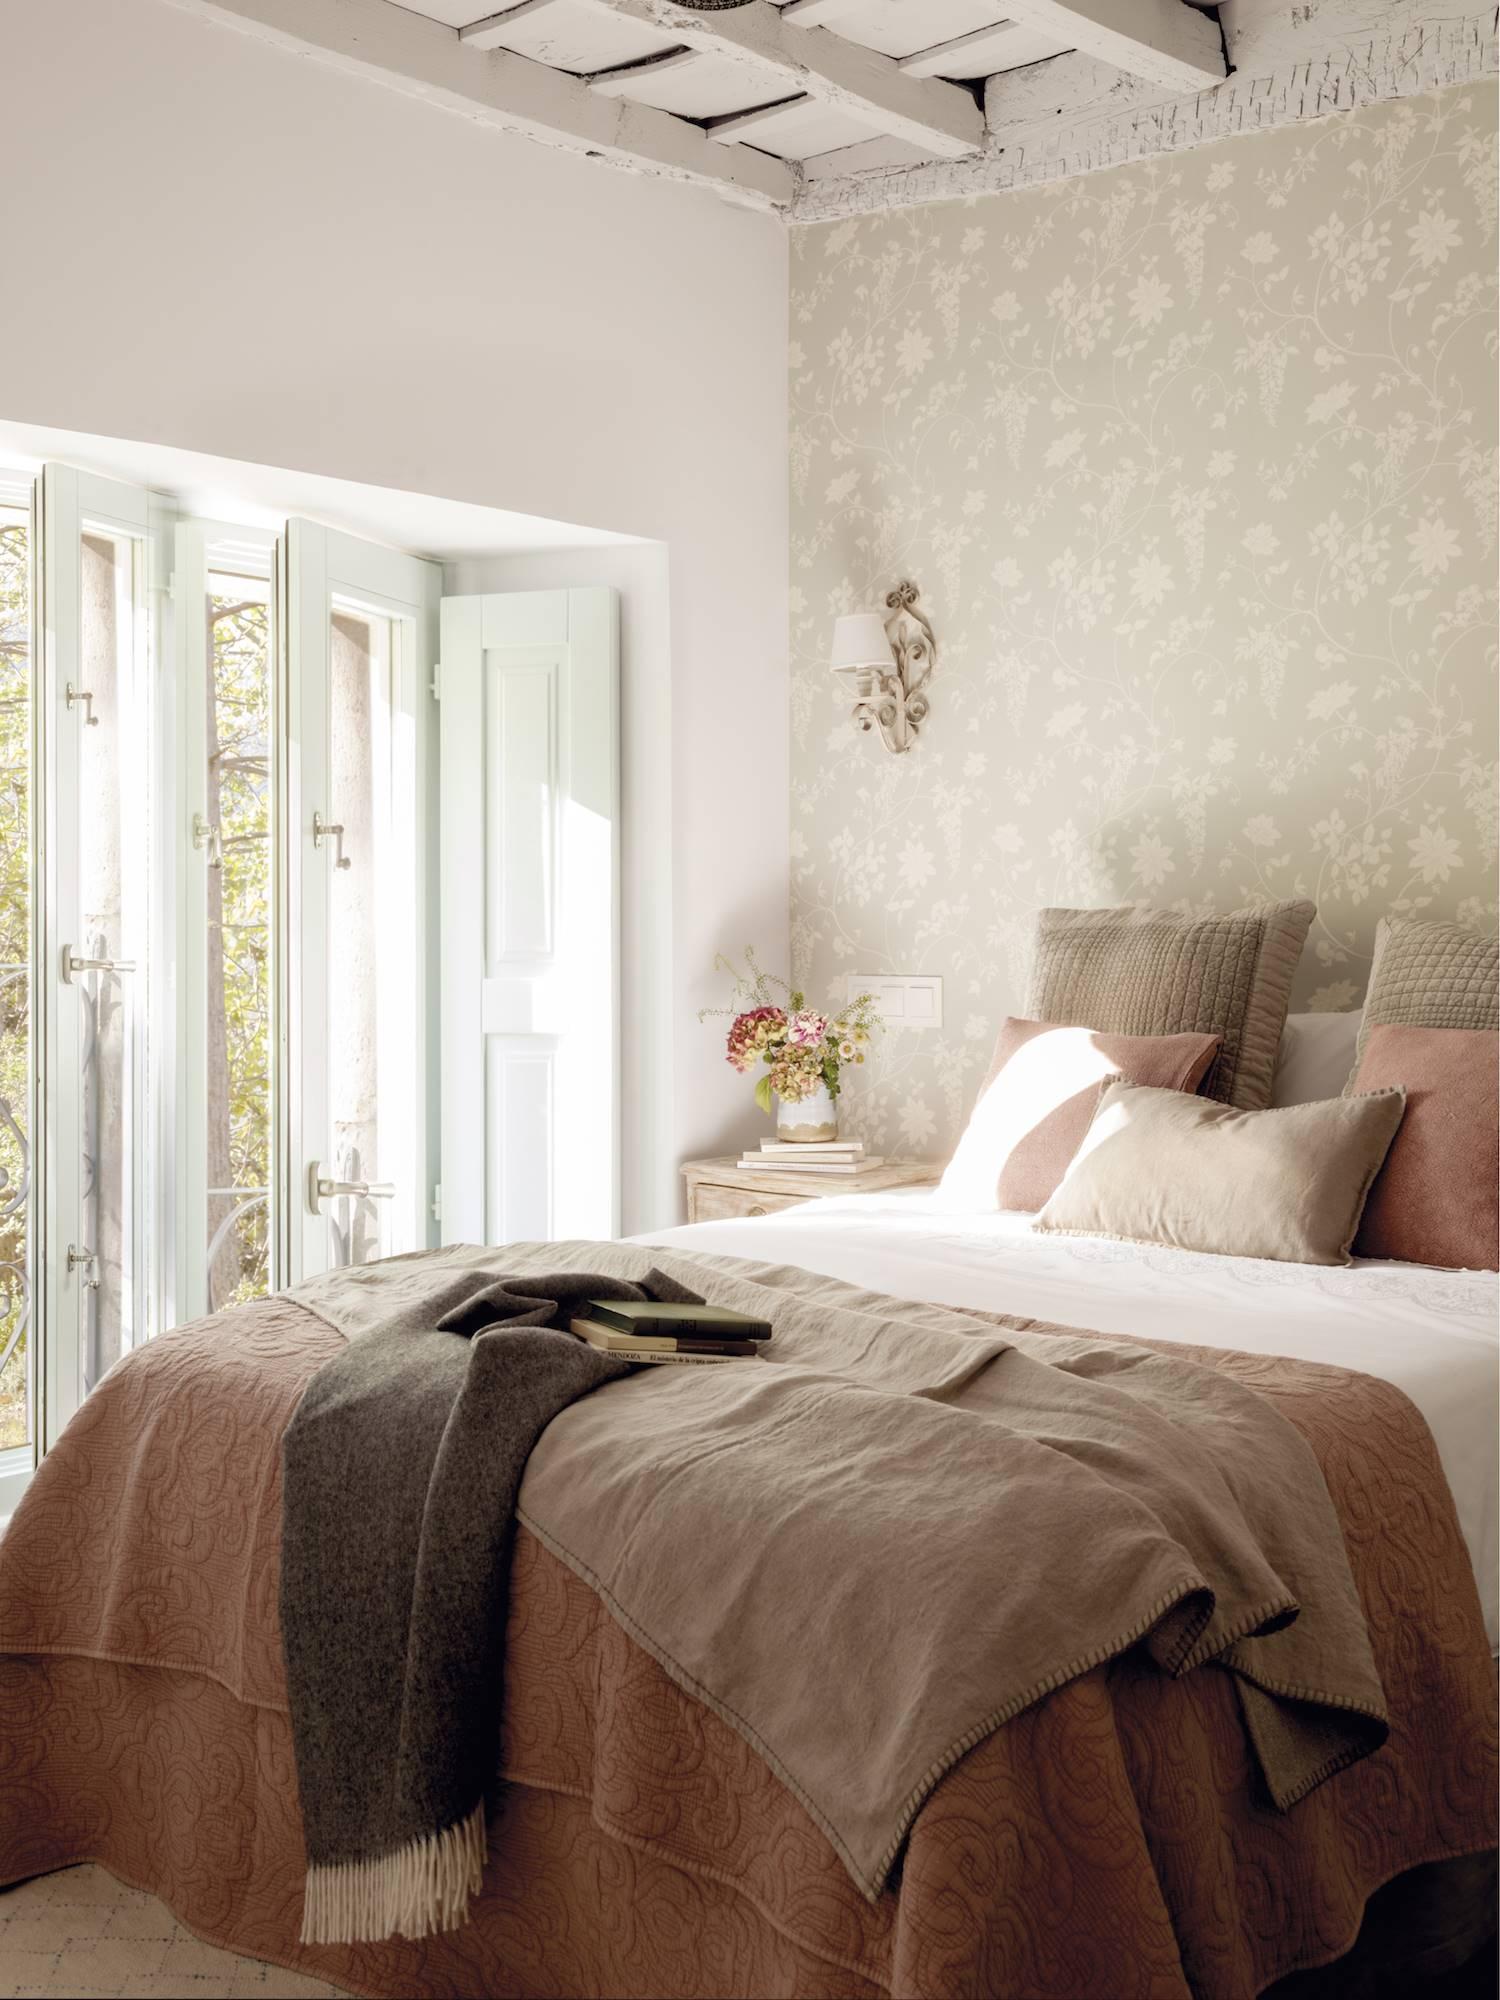 Cómo preparar el dormitorio para el otoño